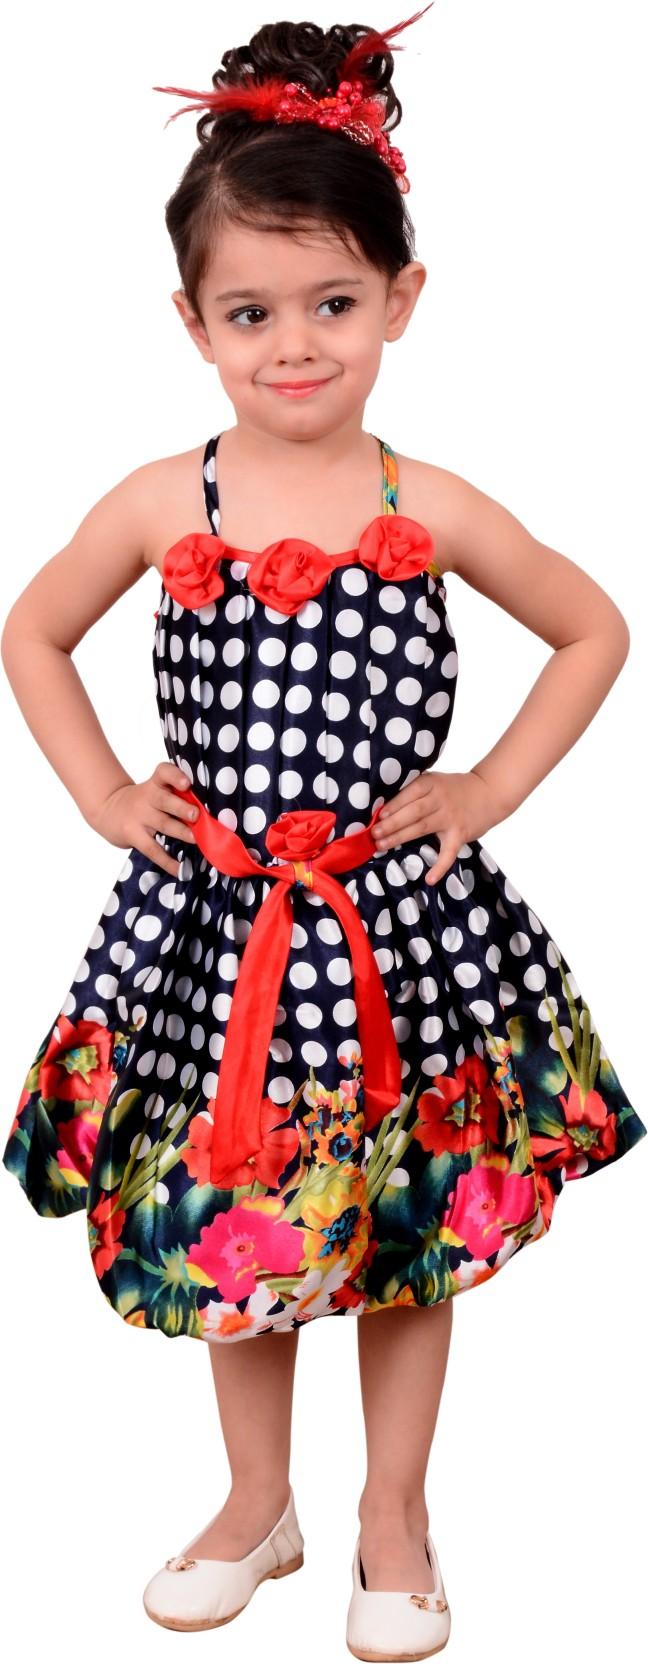 2387e10f2e9 BEBO 21 Girls Midi Knee Length Party Dress Price in India - Buy BEBO ...